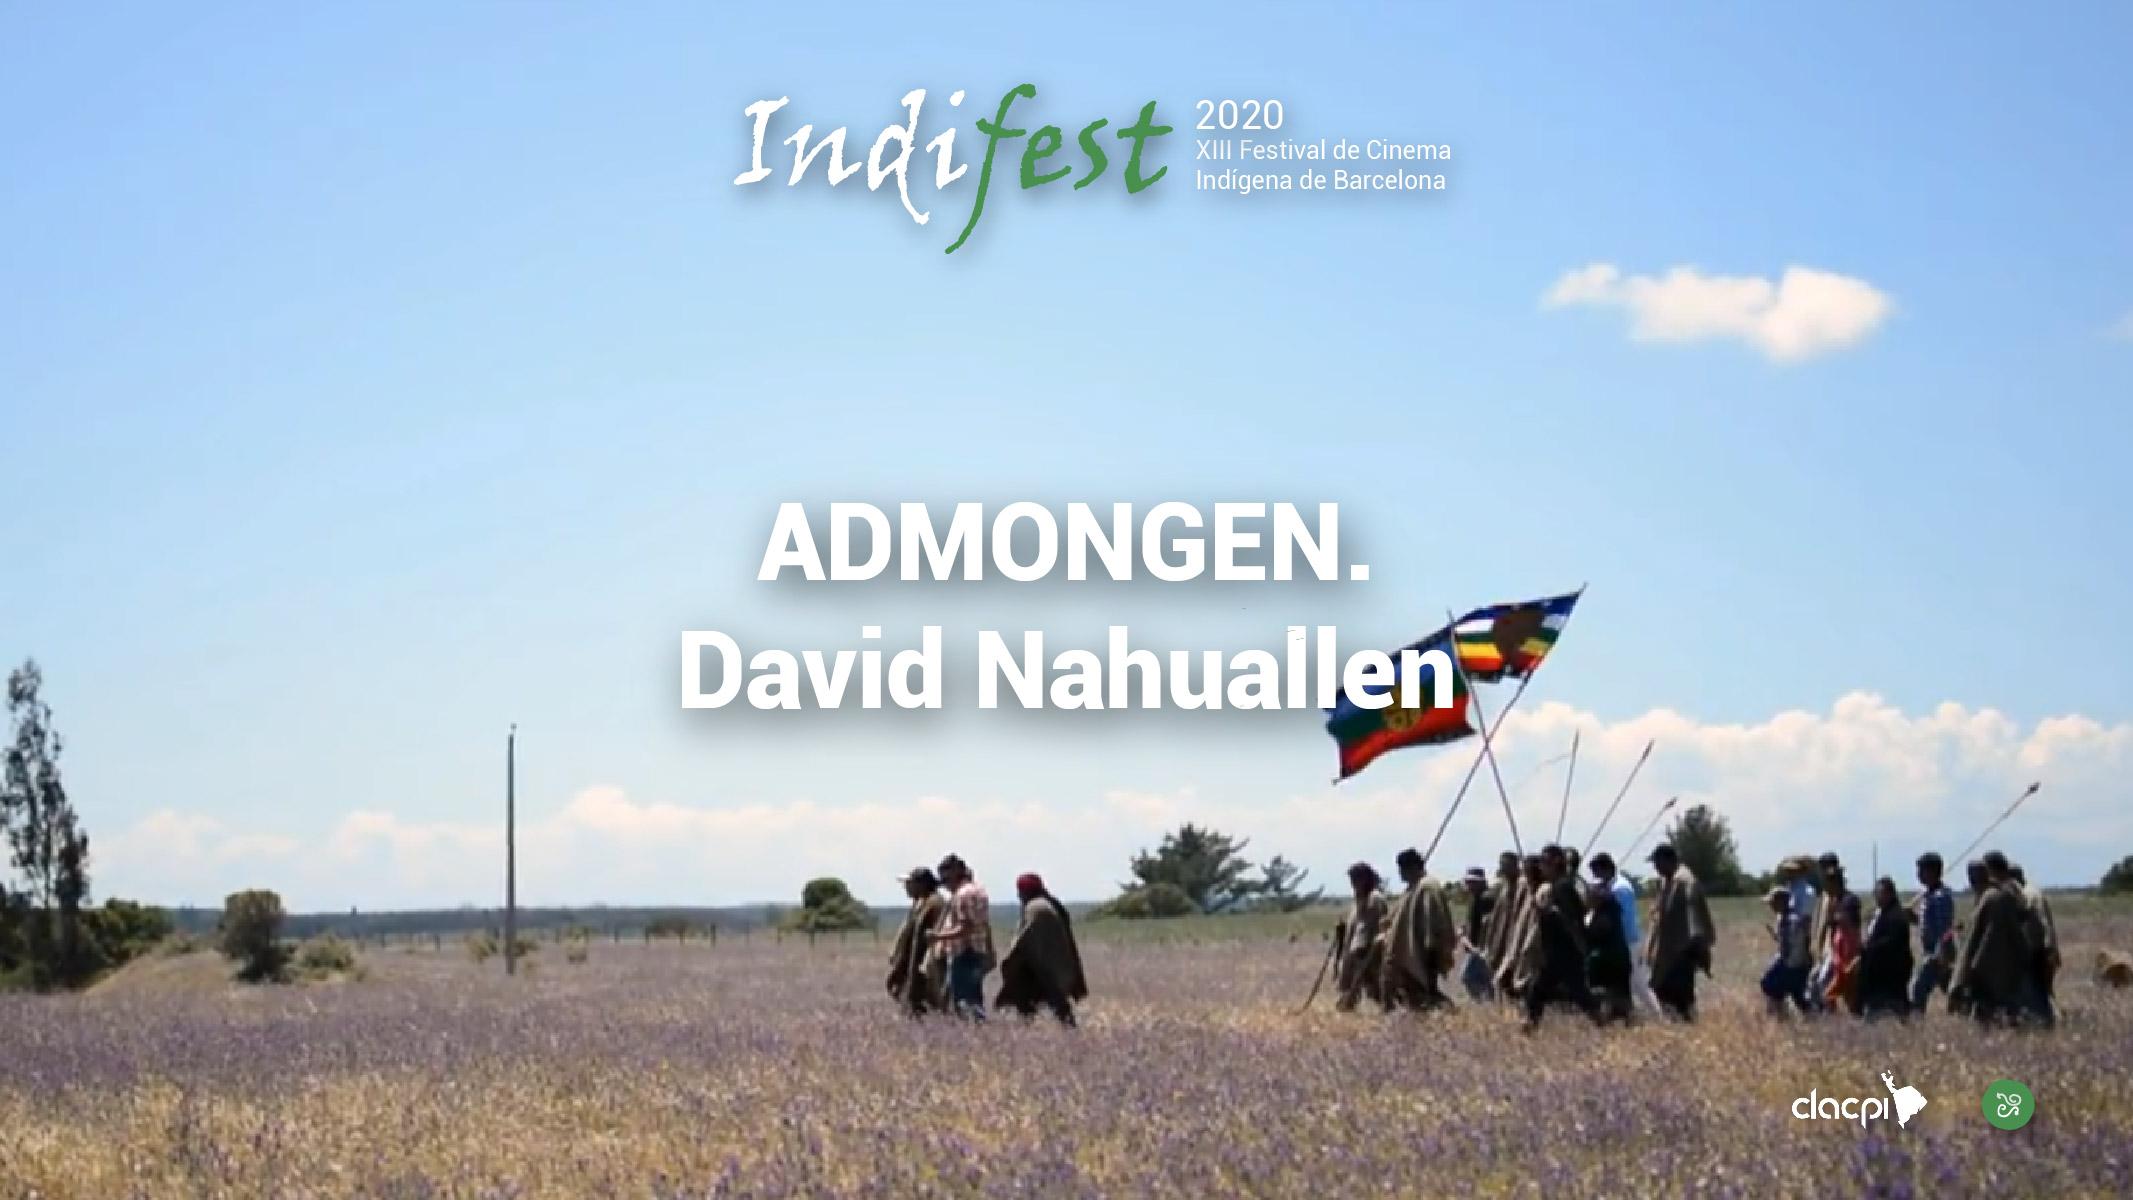 ADMONGEN. David Nahuallen